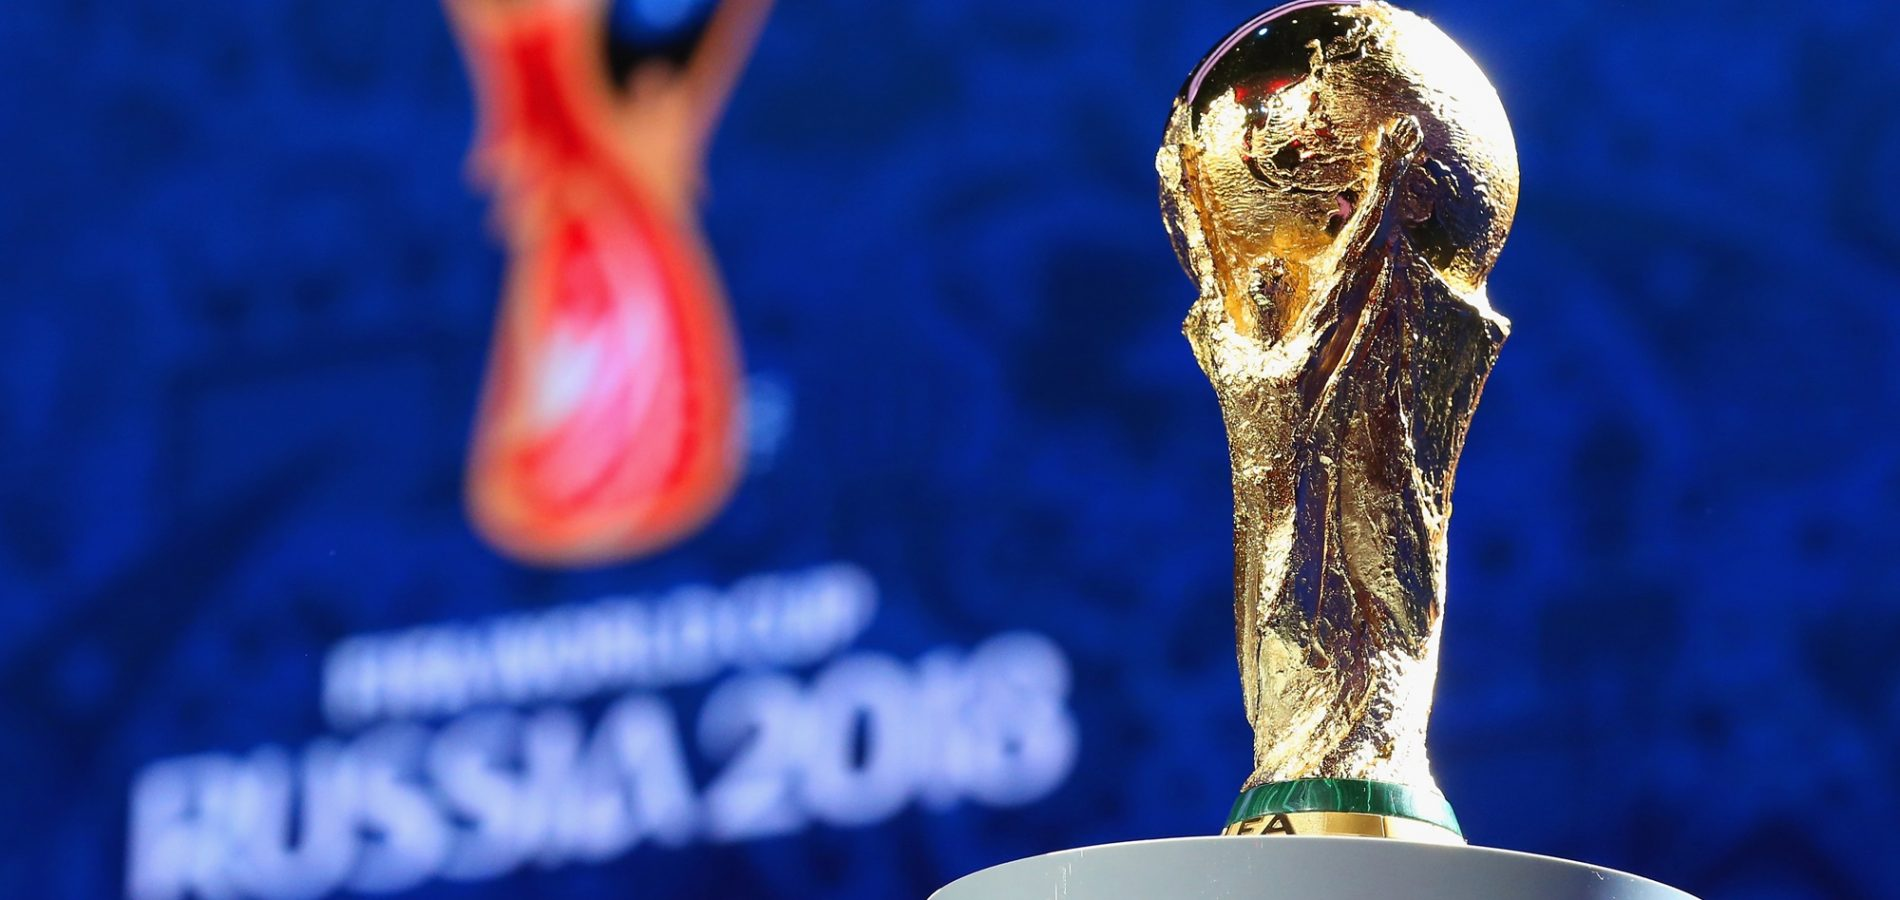 Brasil enfrenta Suíça, Costa Rica e Sérvia na primeira fase da Copa do Mundo 2018